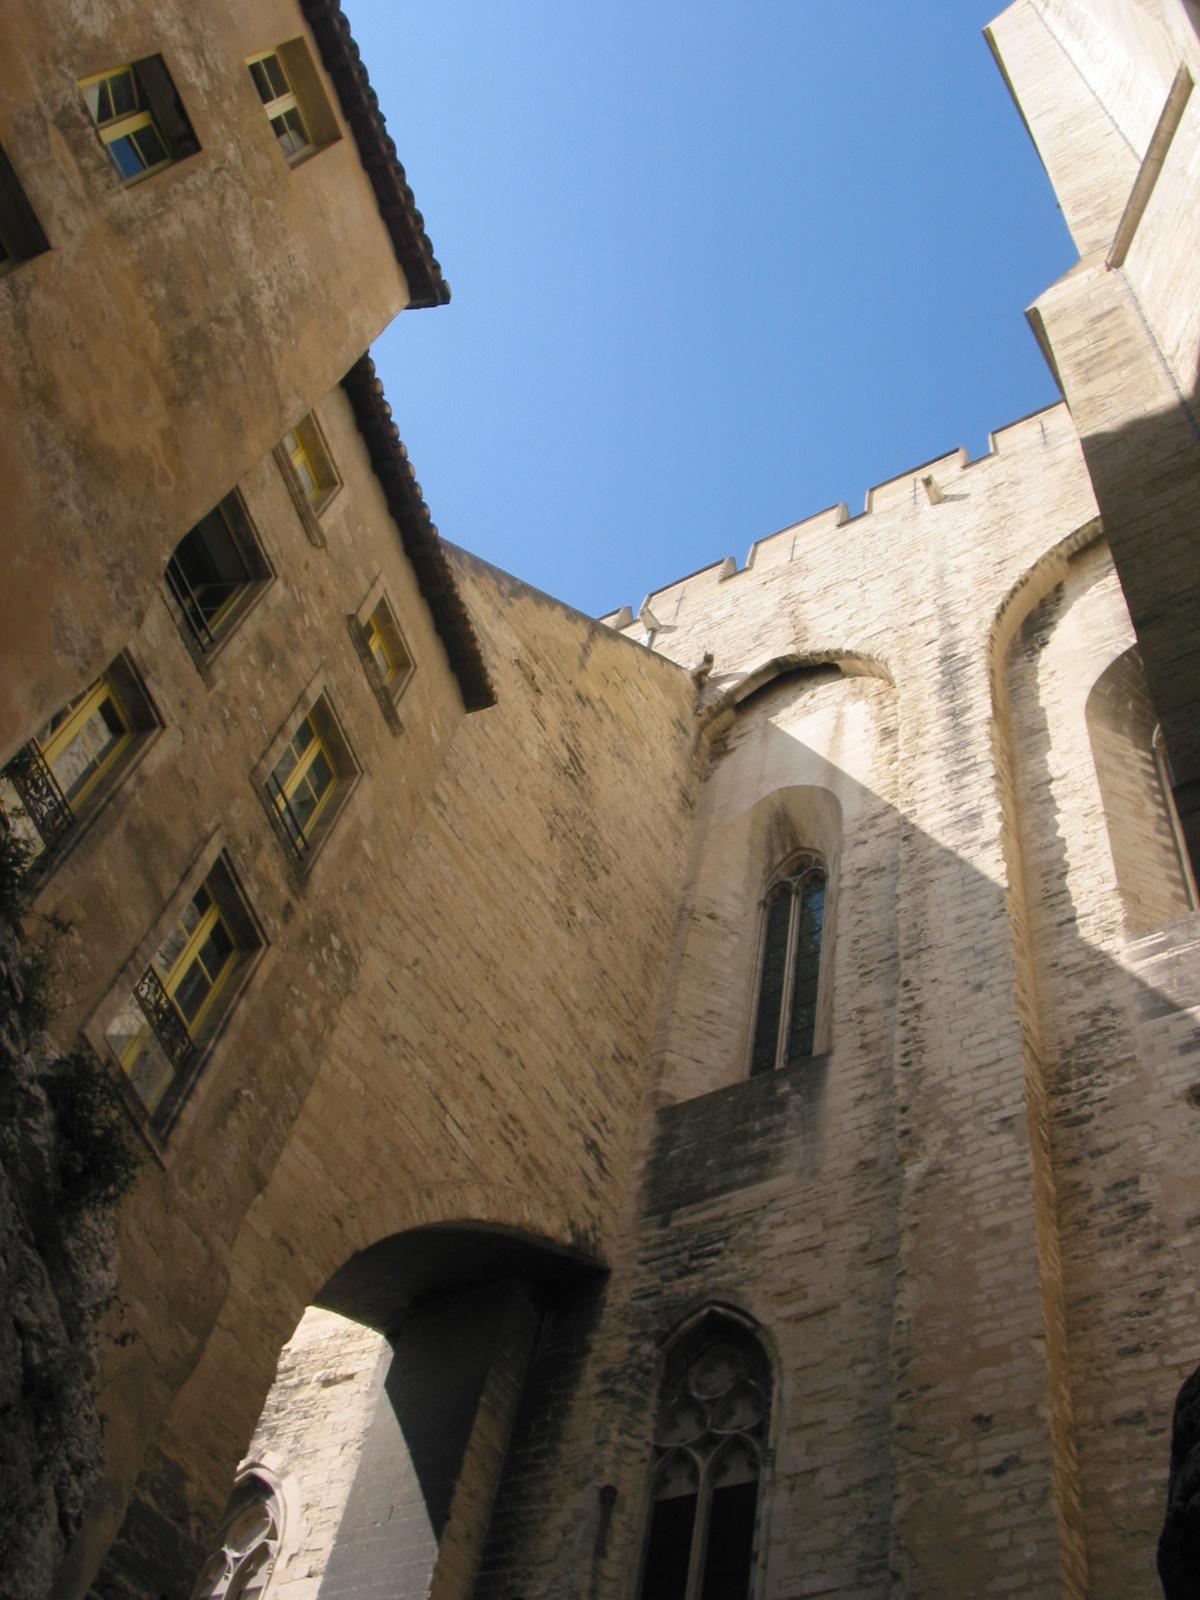 Schnappschuss in Avignon (Palais des papes)